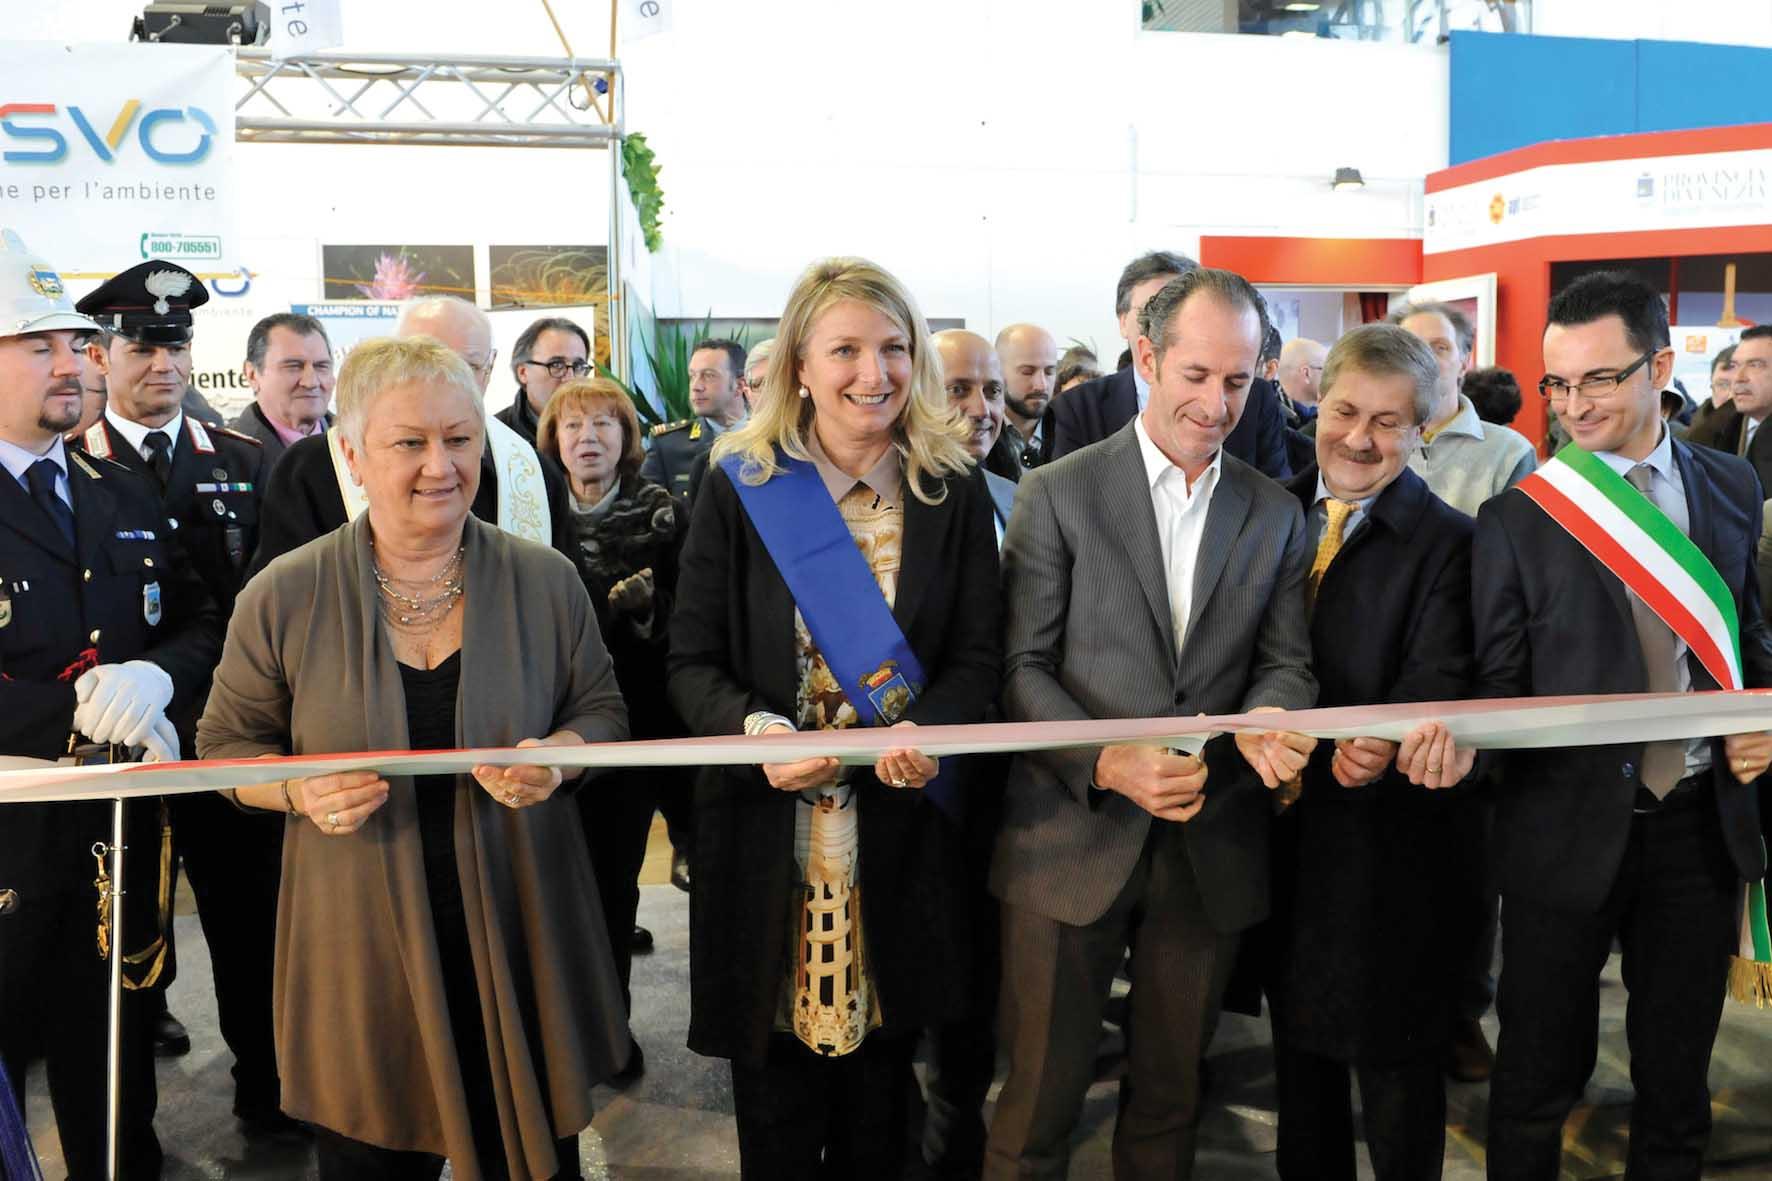 Provincia venezia inauguazione fiera turismo caorle zaccariotto zaia 1